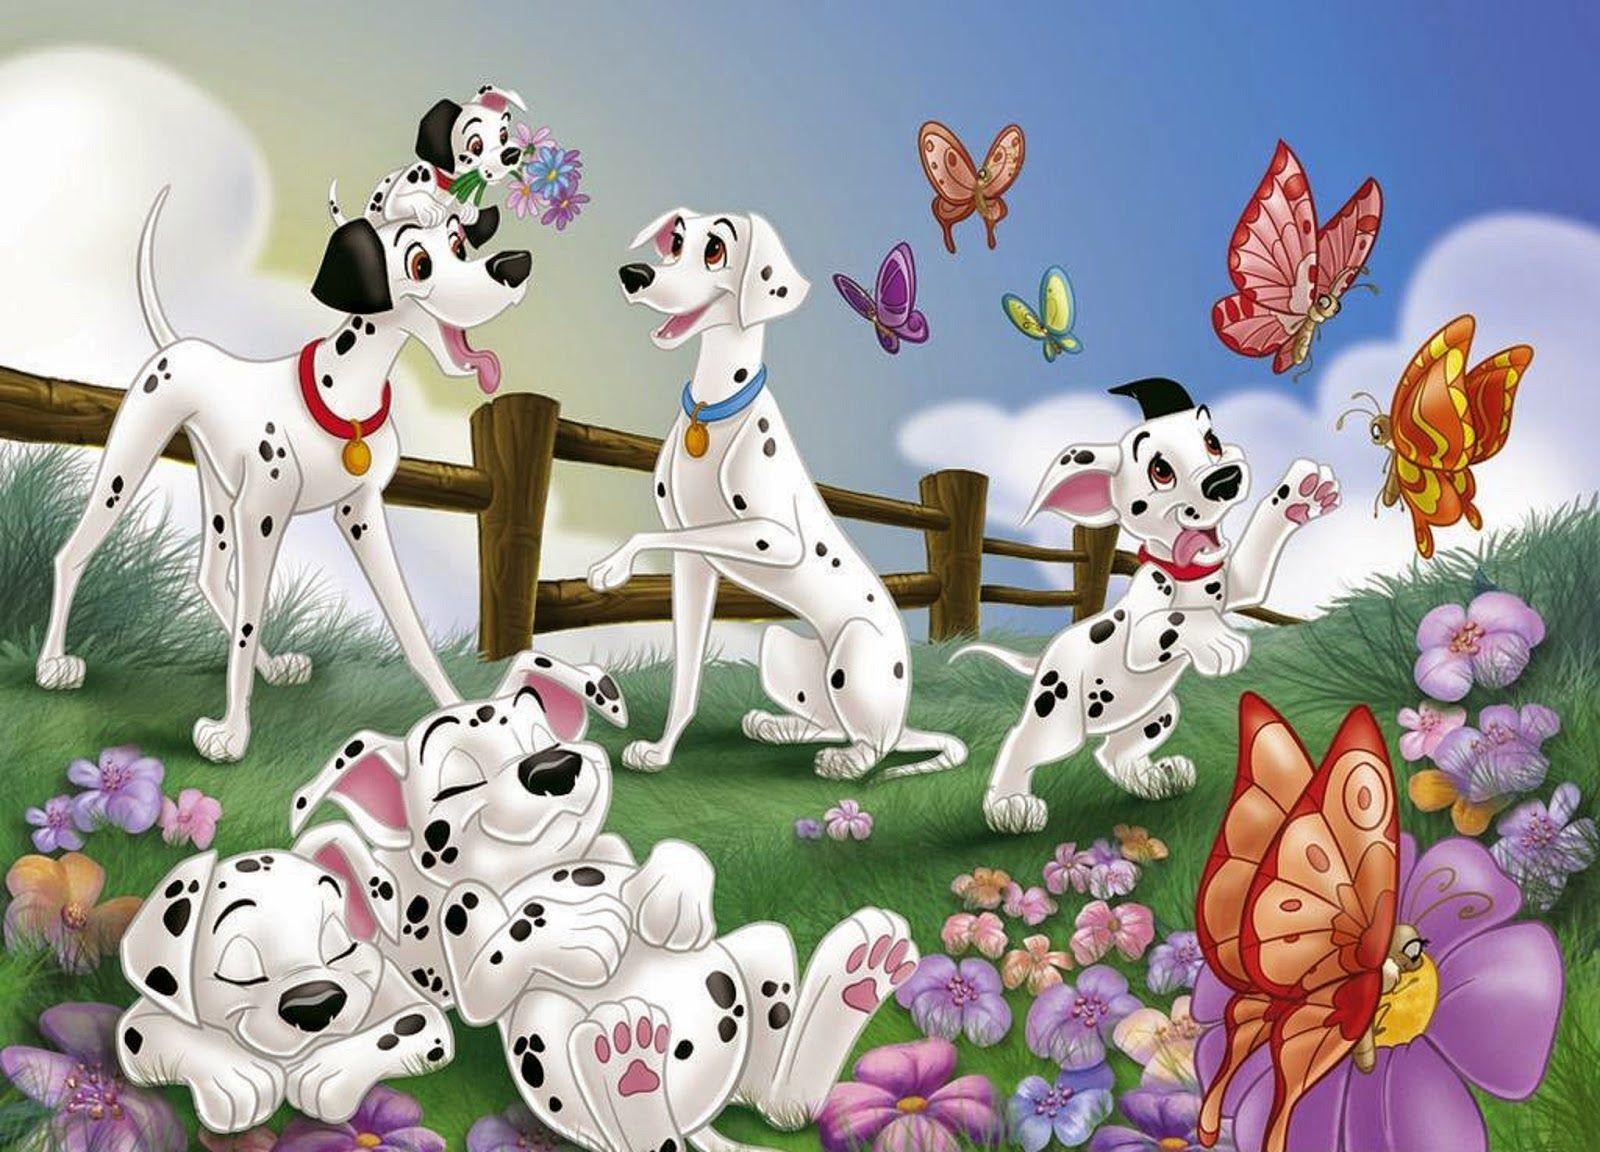 31 101 Dalmatians Wallpaper Backgrounds Disney 101 Dalmatians Disney Wallpaper 101 Dalmatians